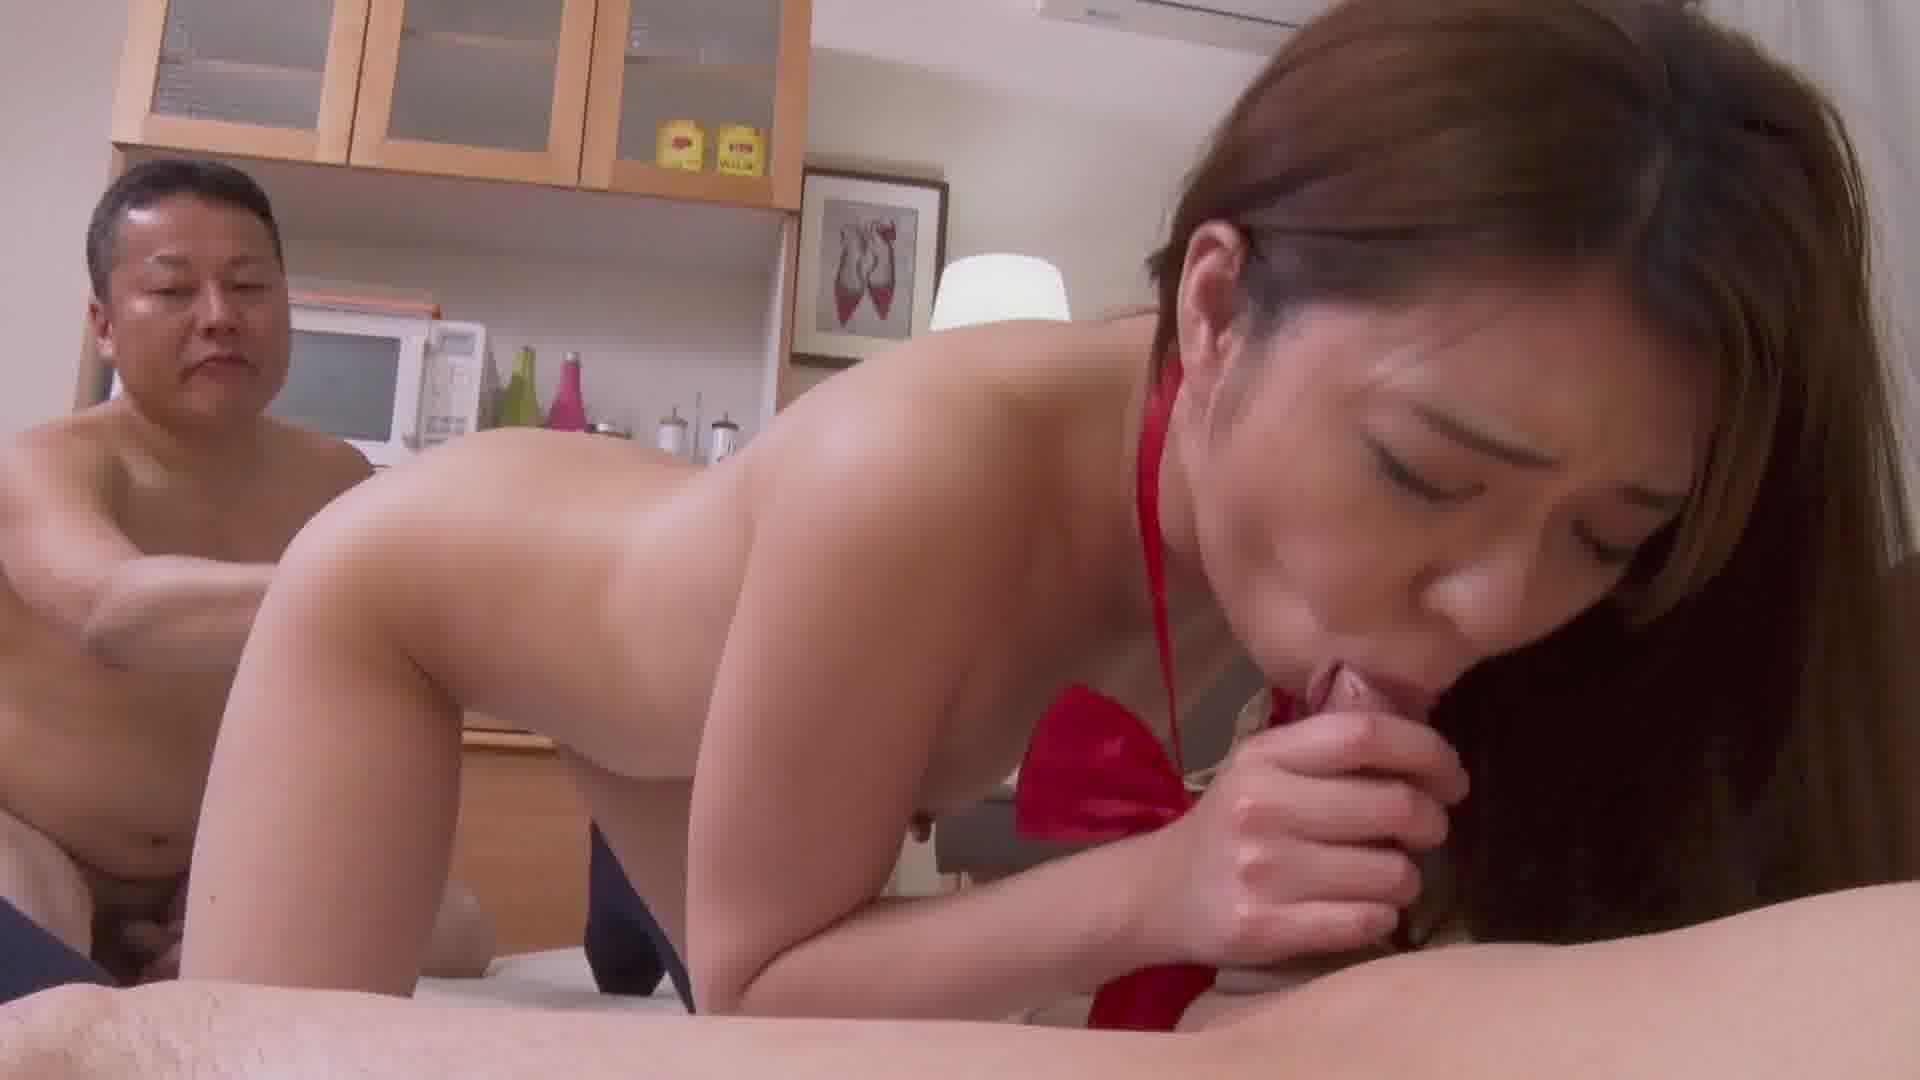 パシオン・アモローサ ~愛する情熱 6~ 彼女が変態過ぎて手に負えない - 栄倉彩【痴女・コスプレ・3P】